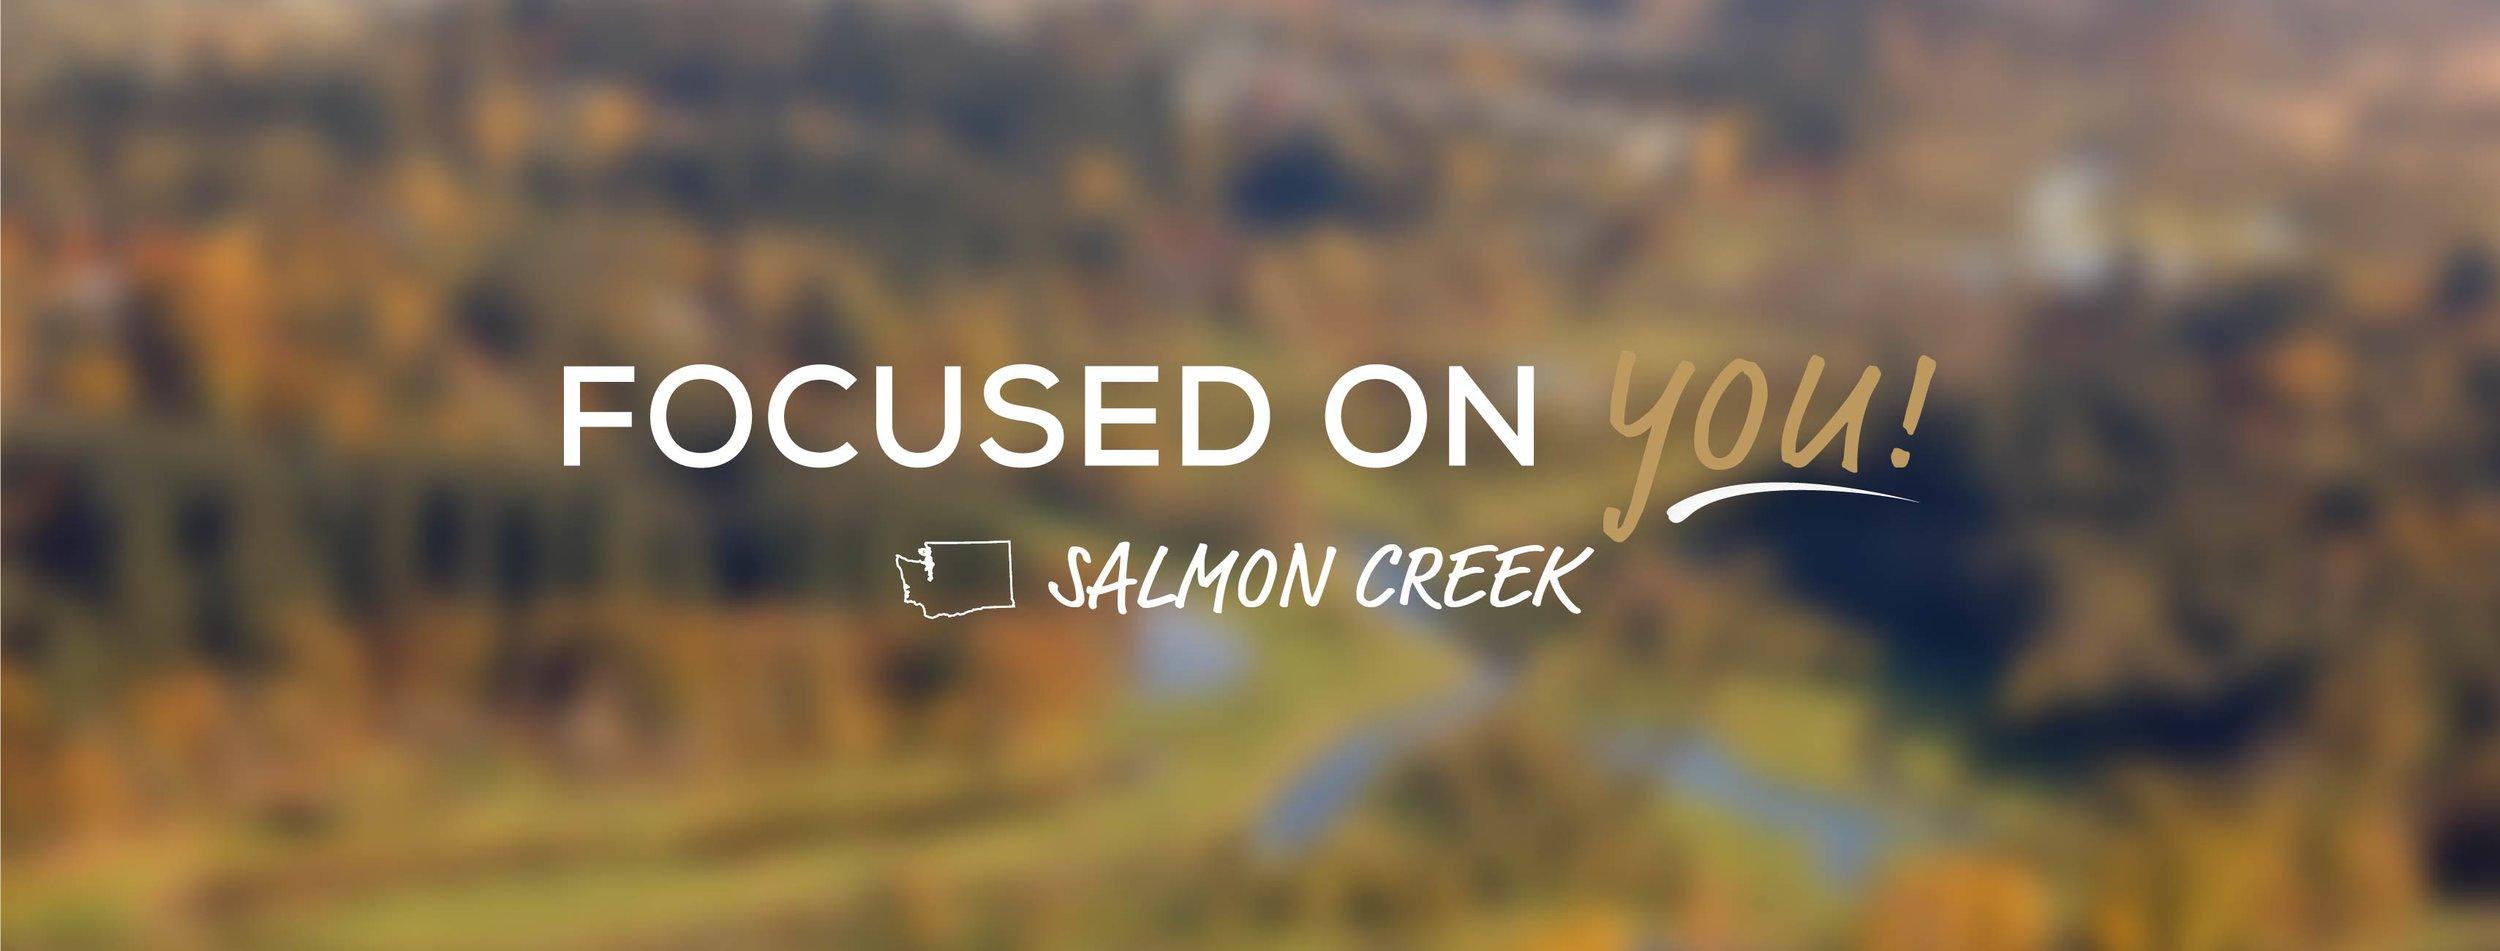 Salmon Creek - 360.836.5279salmoncreek@directorsmortage.net2105 NE 129th, Suite 101Vancouver, WA 98686